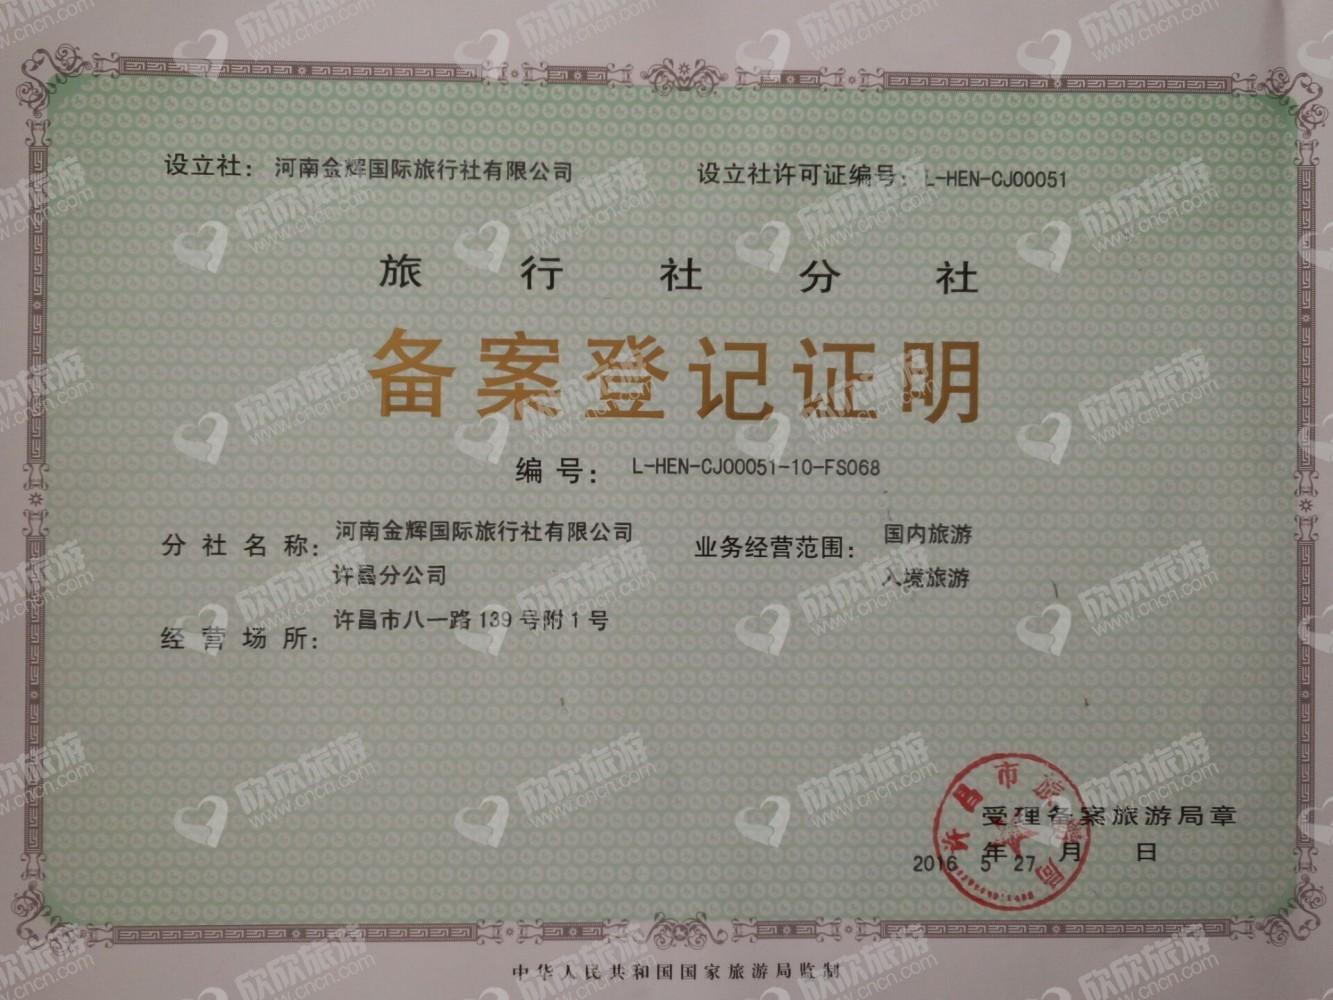 河南金辉国际旅行社有限公司许昌分公司经营许可证